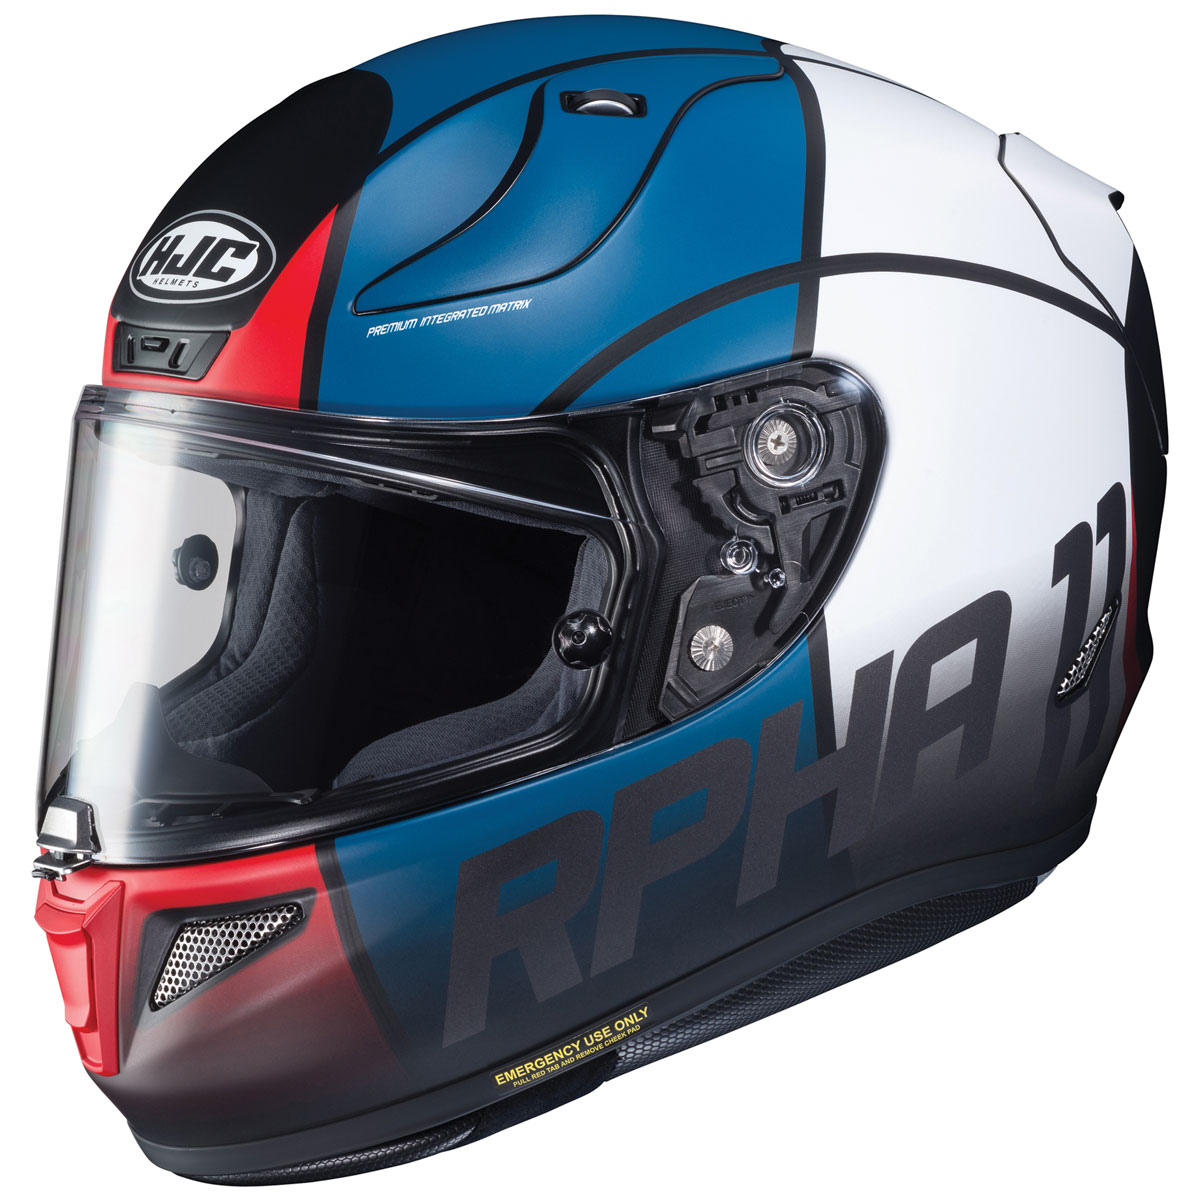 HJC RPHA 11 Pro Quintain Red/White/Blue Full Face Helmet